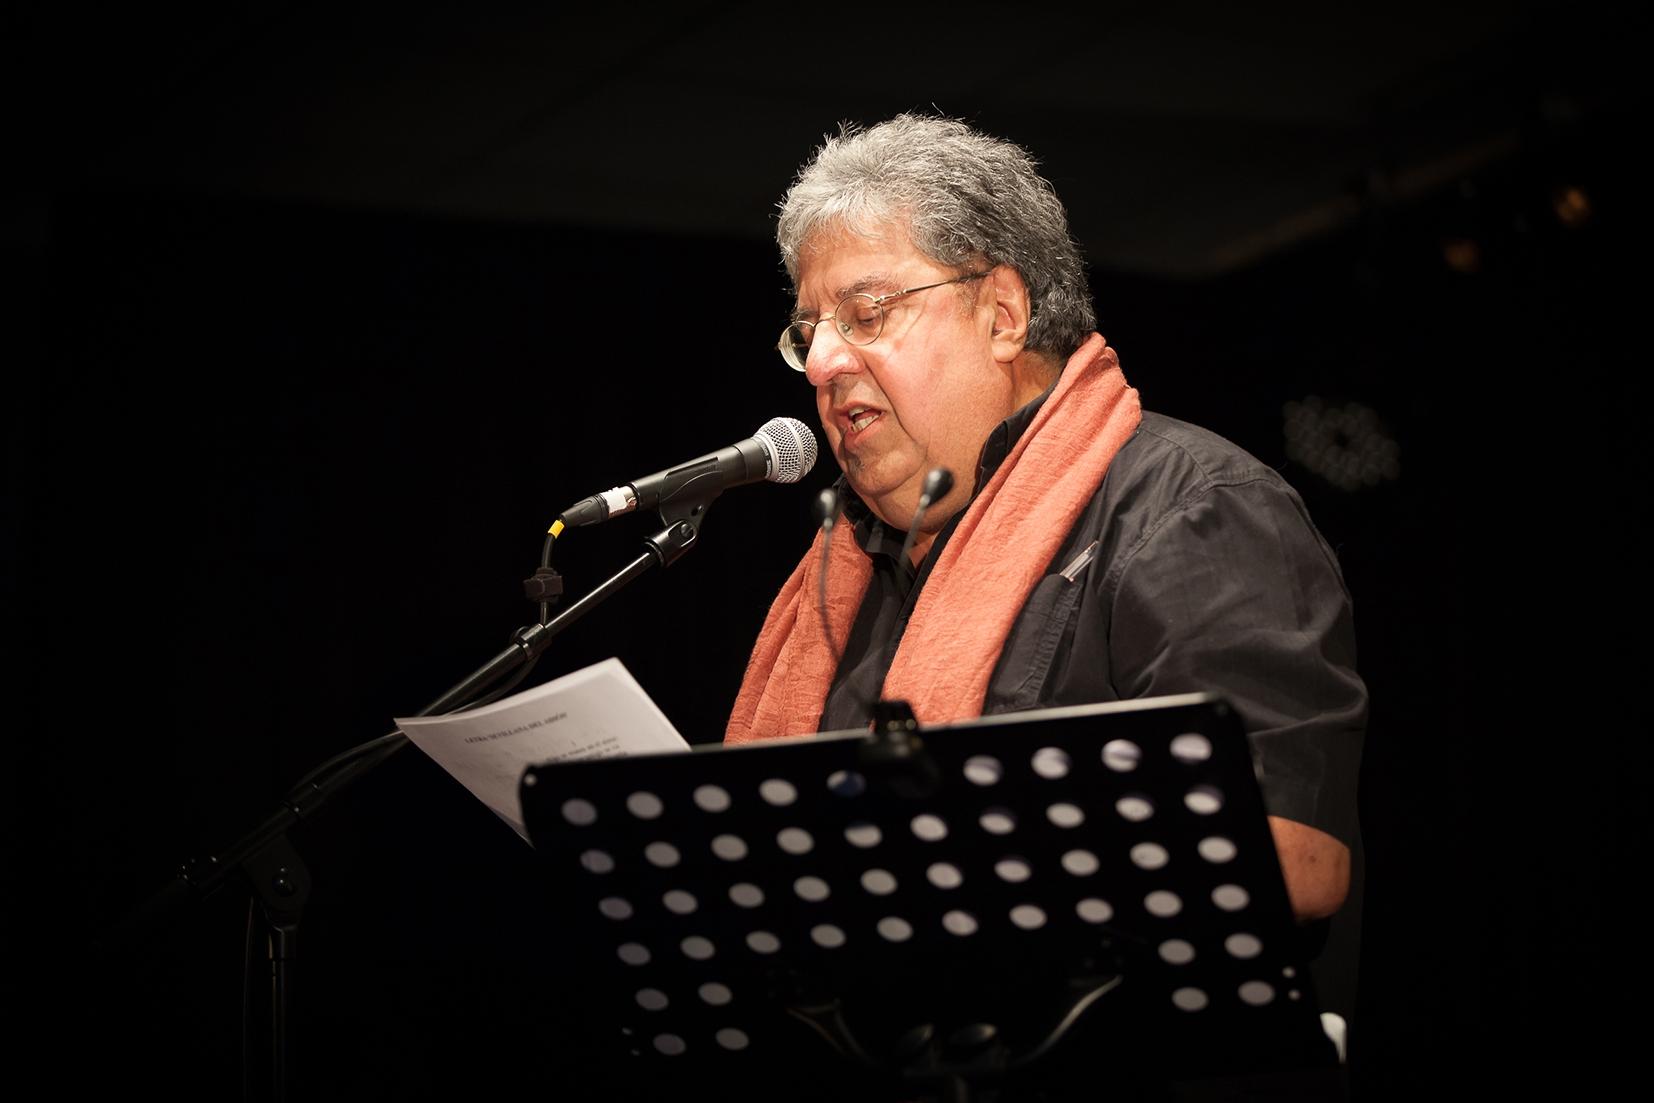 Jean-Gabriel Cosculuella